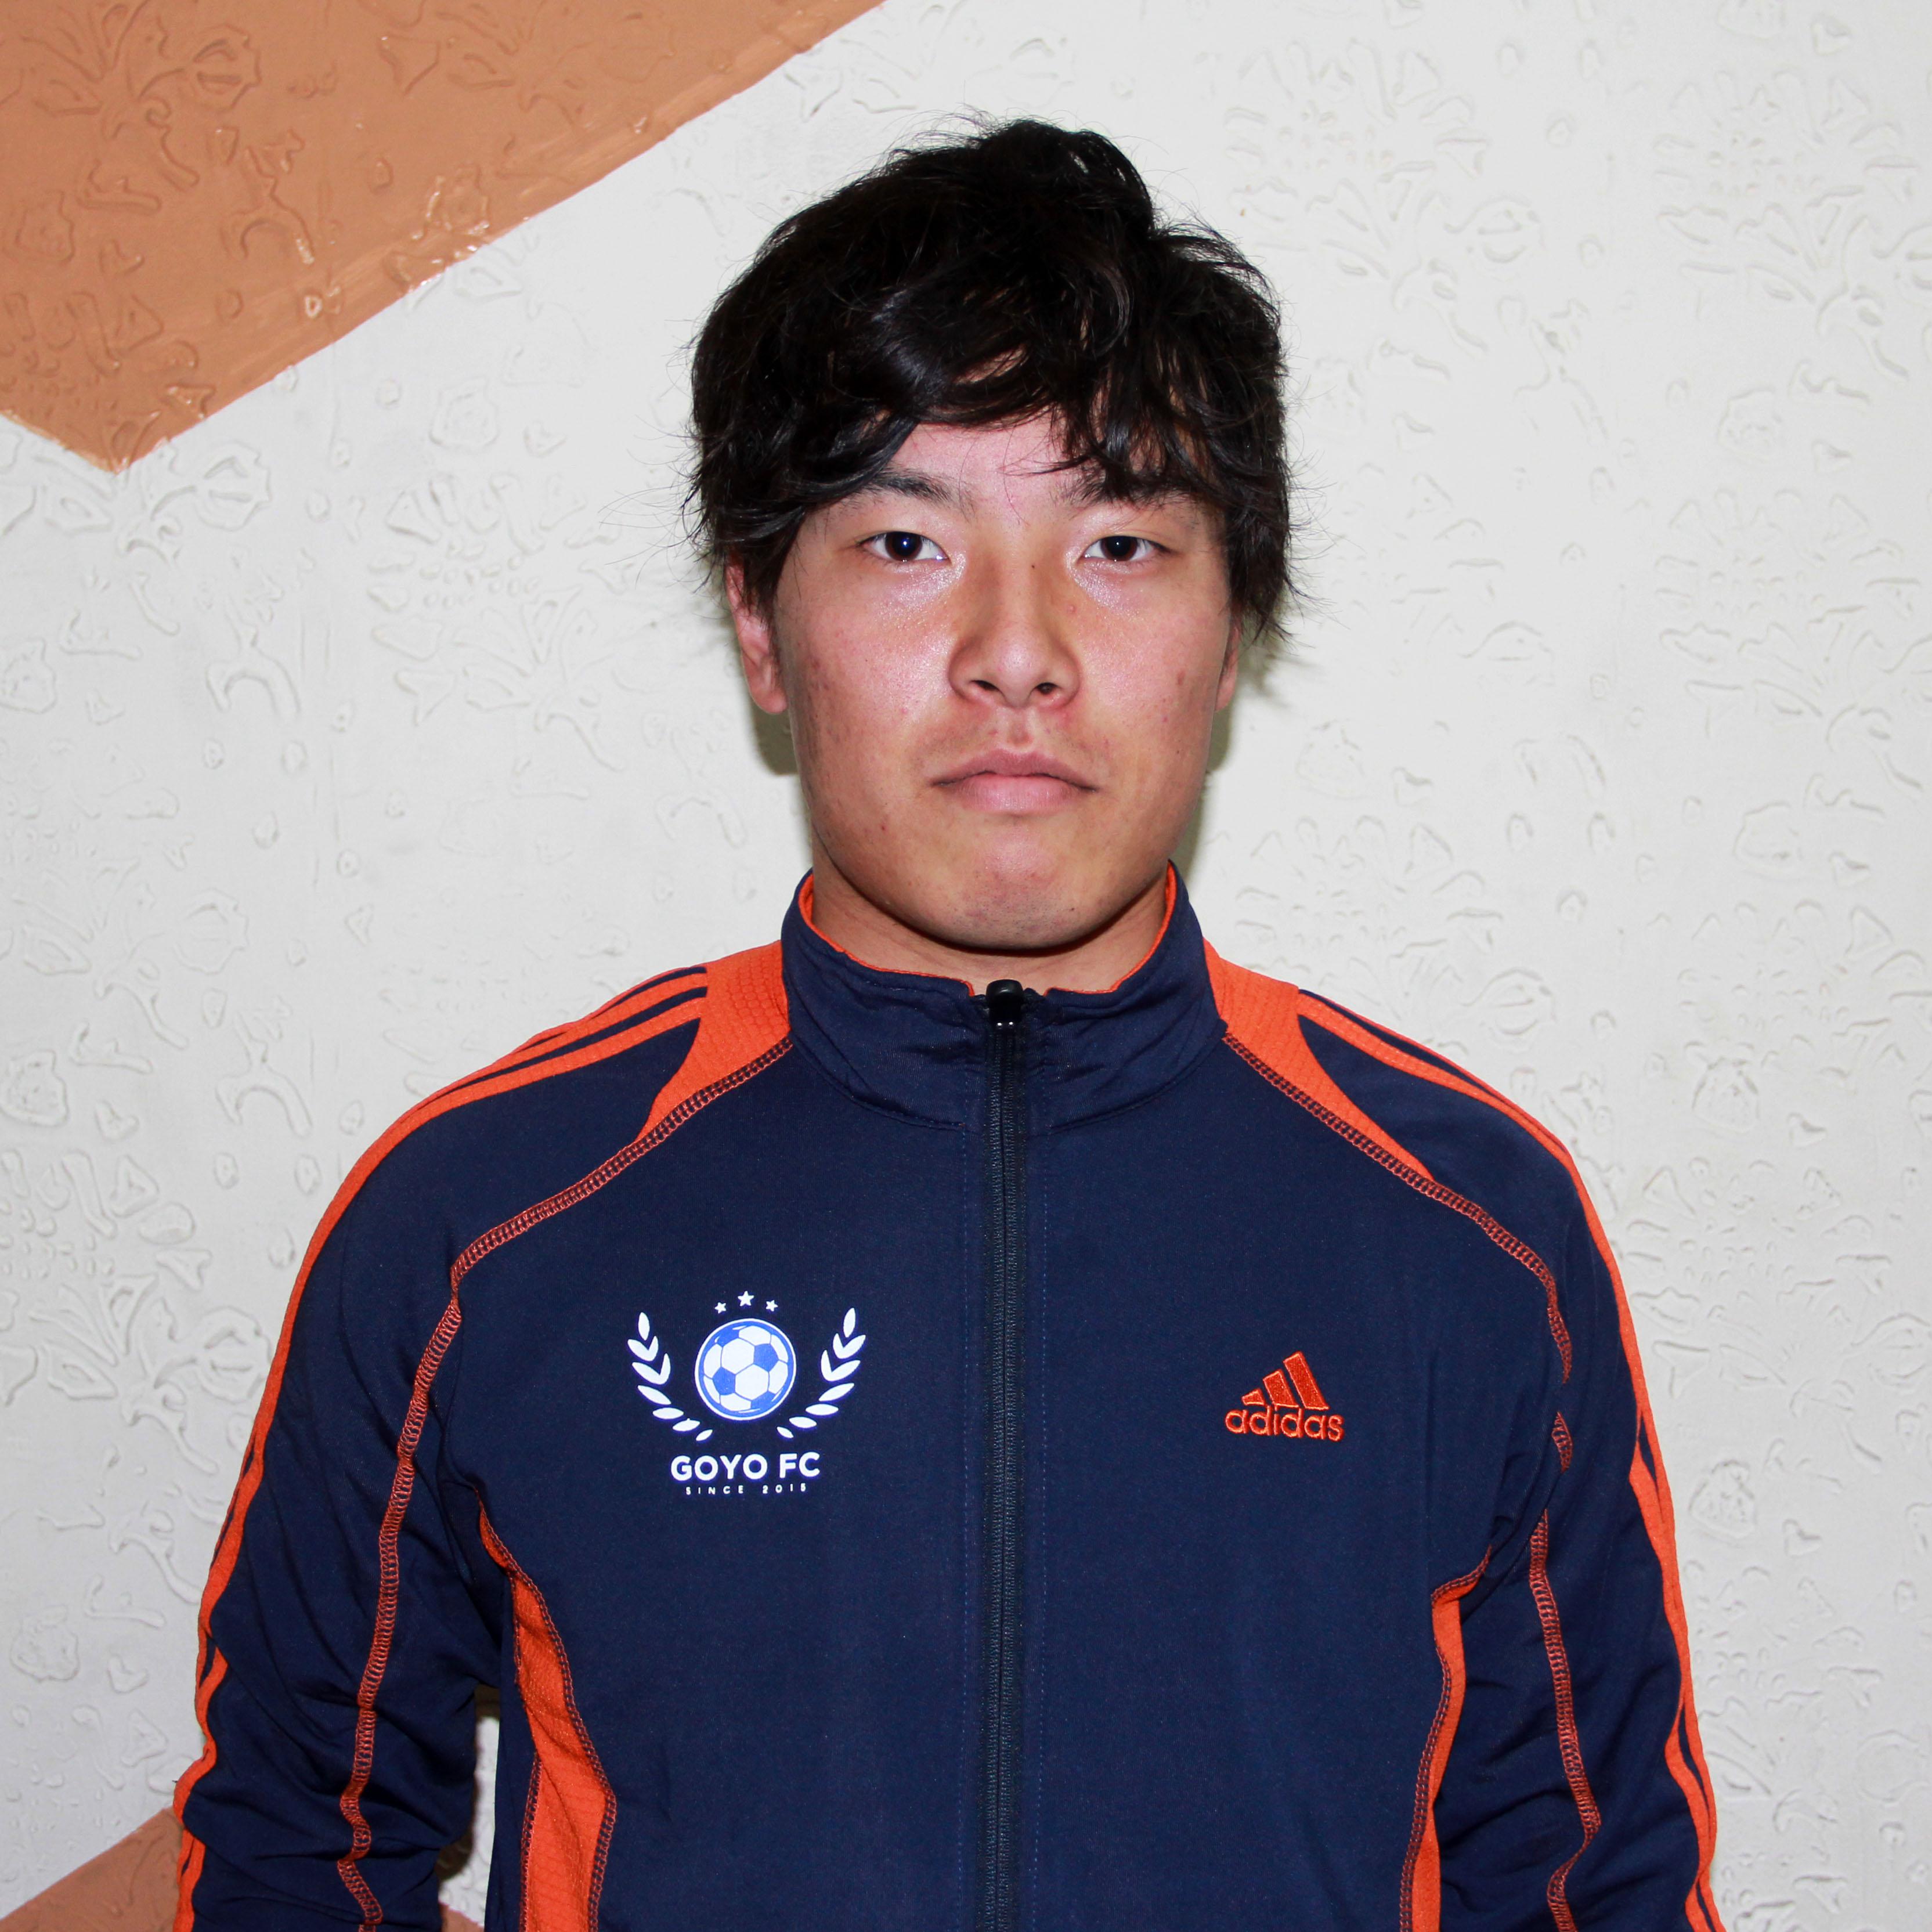 Такуми Томизава